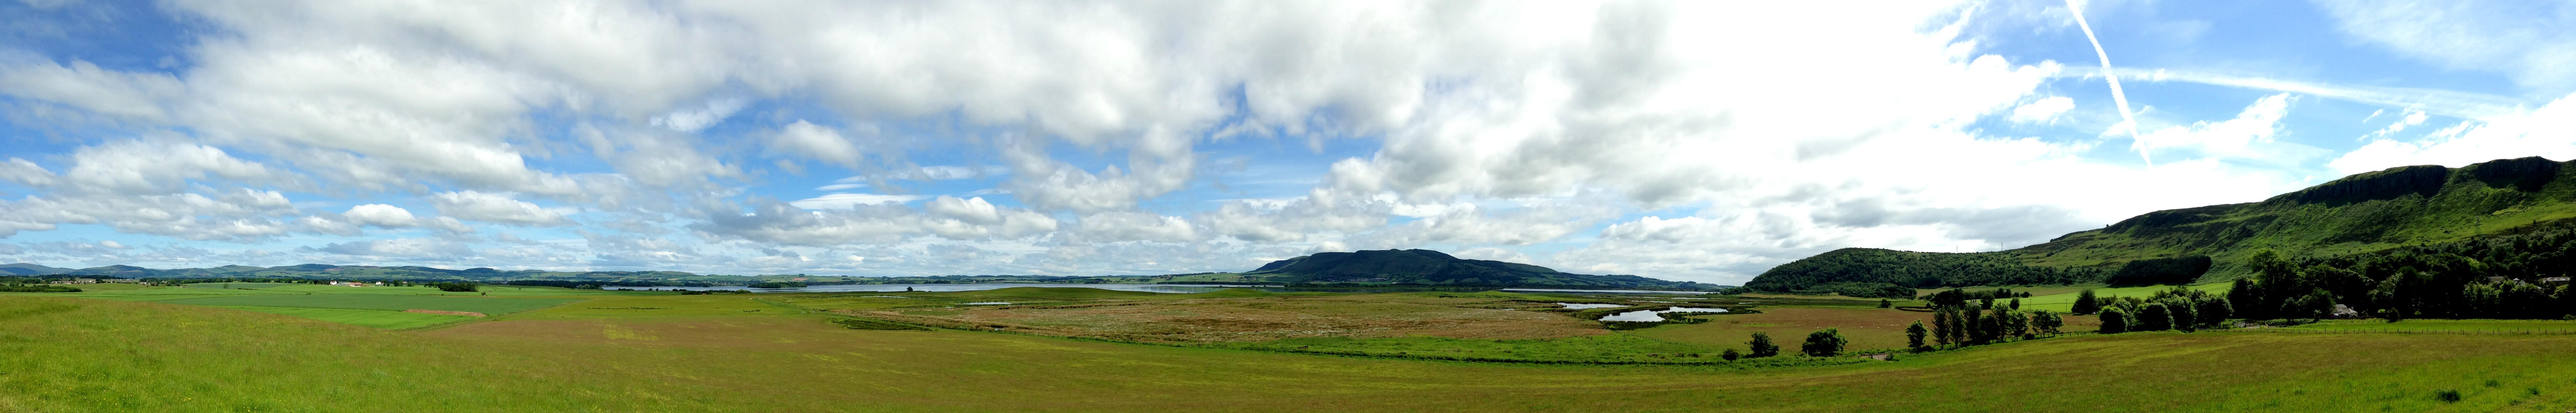 Loch Leven View